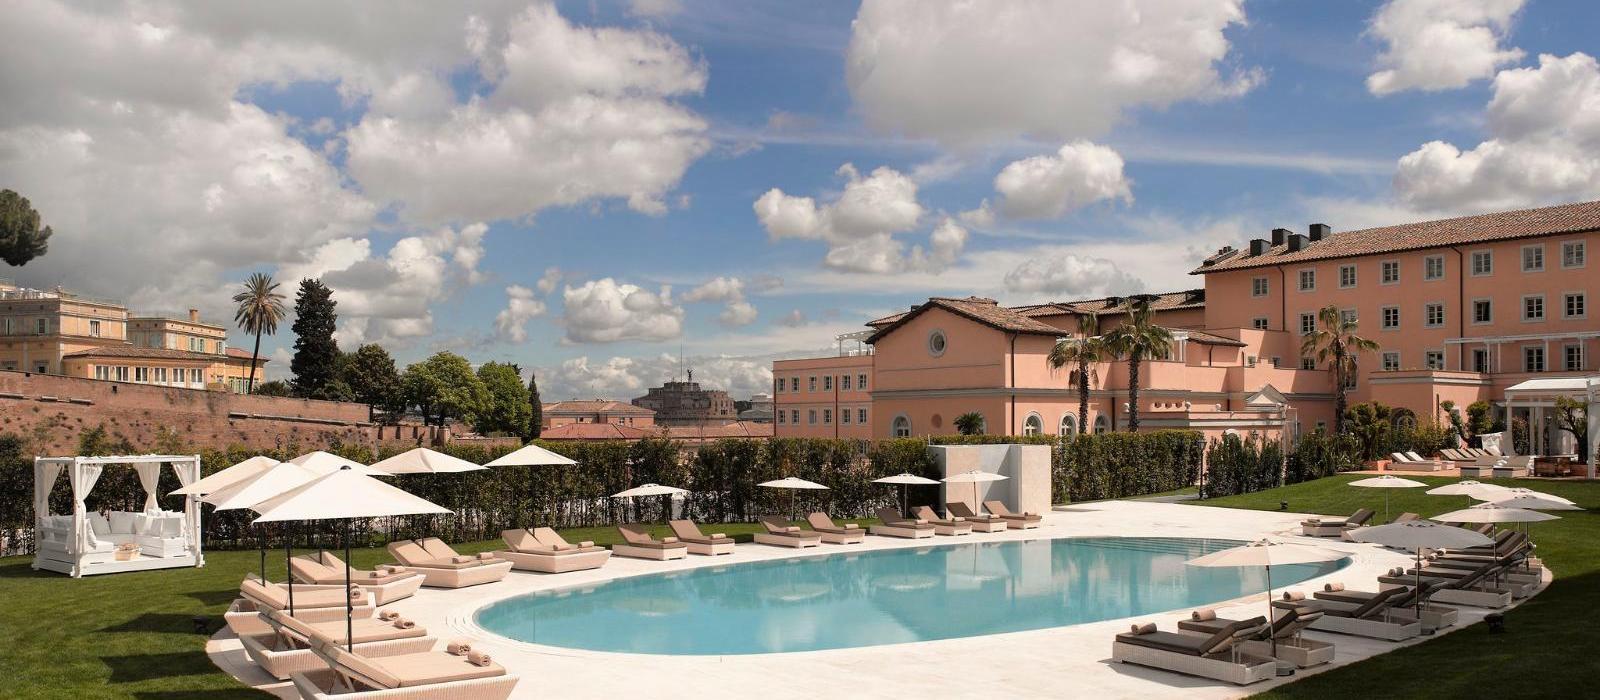 罗马梅丽亚阿格丽娉娜皇后别墅酒店(Gran Melia Rome Villa Agrippina) 图片  www.lhw.cn